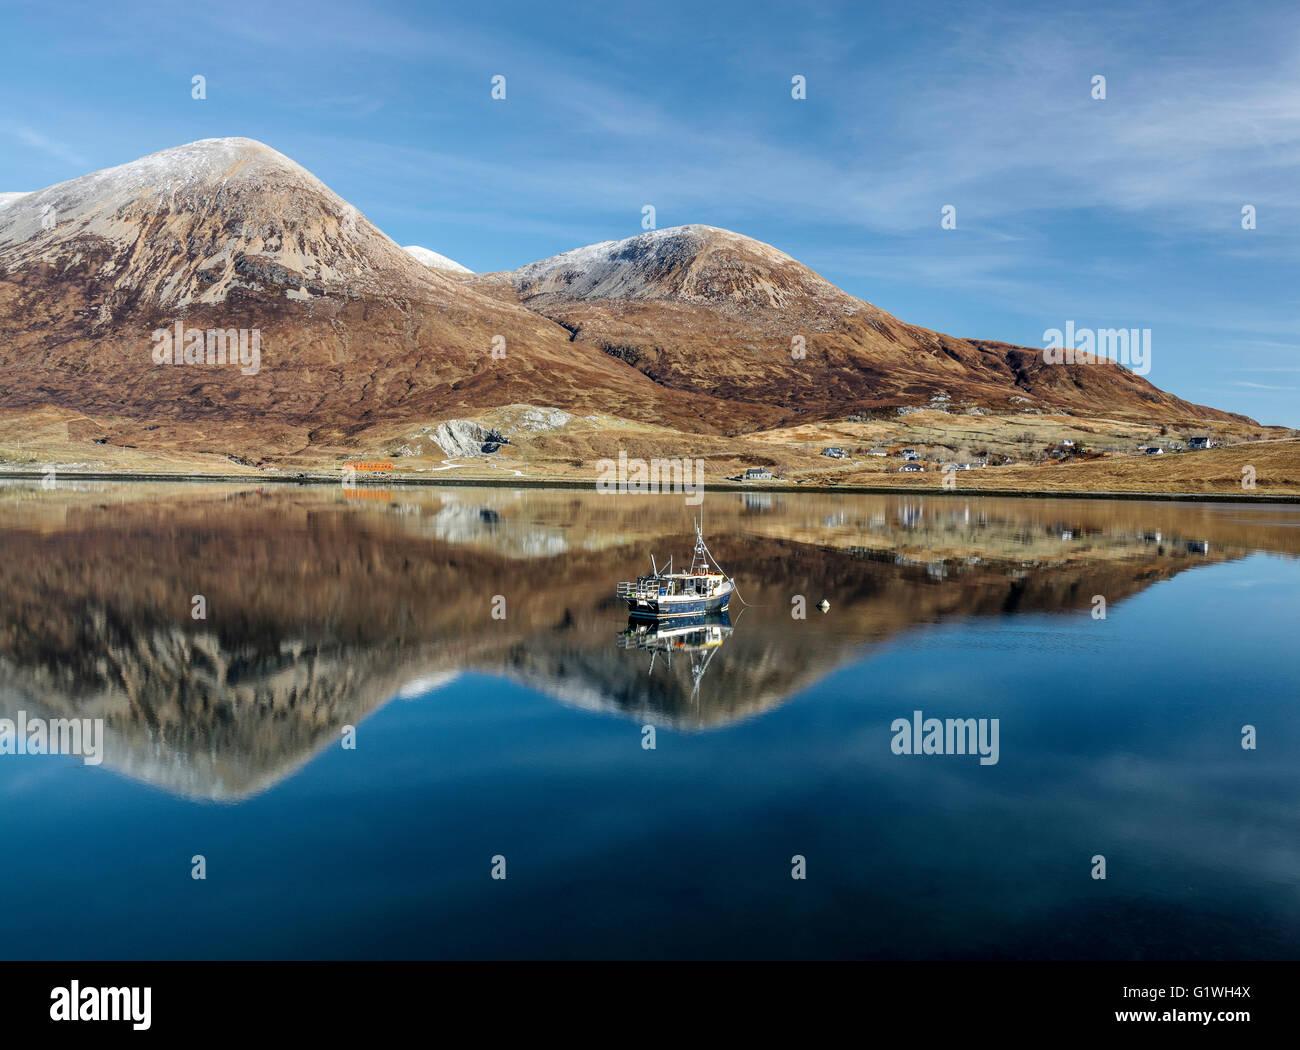 Inverno in montagna in torrin con riflessioni e ormeggio Barca sul loch slapin Immagini Stock